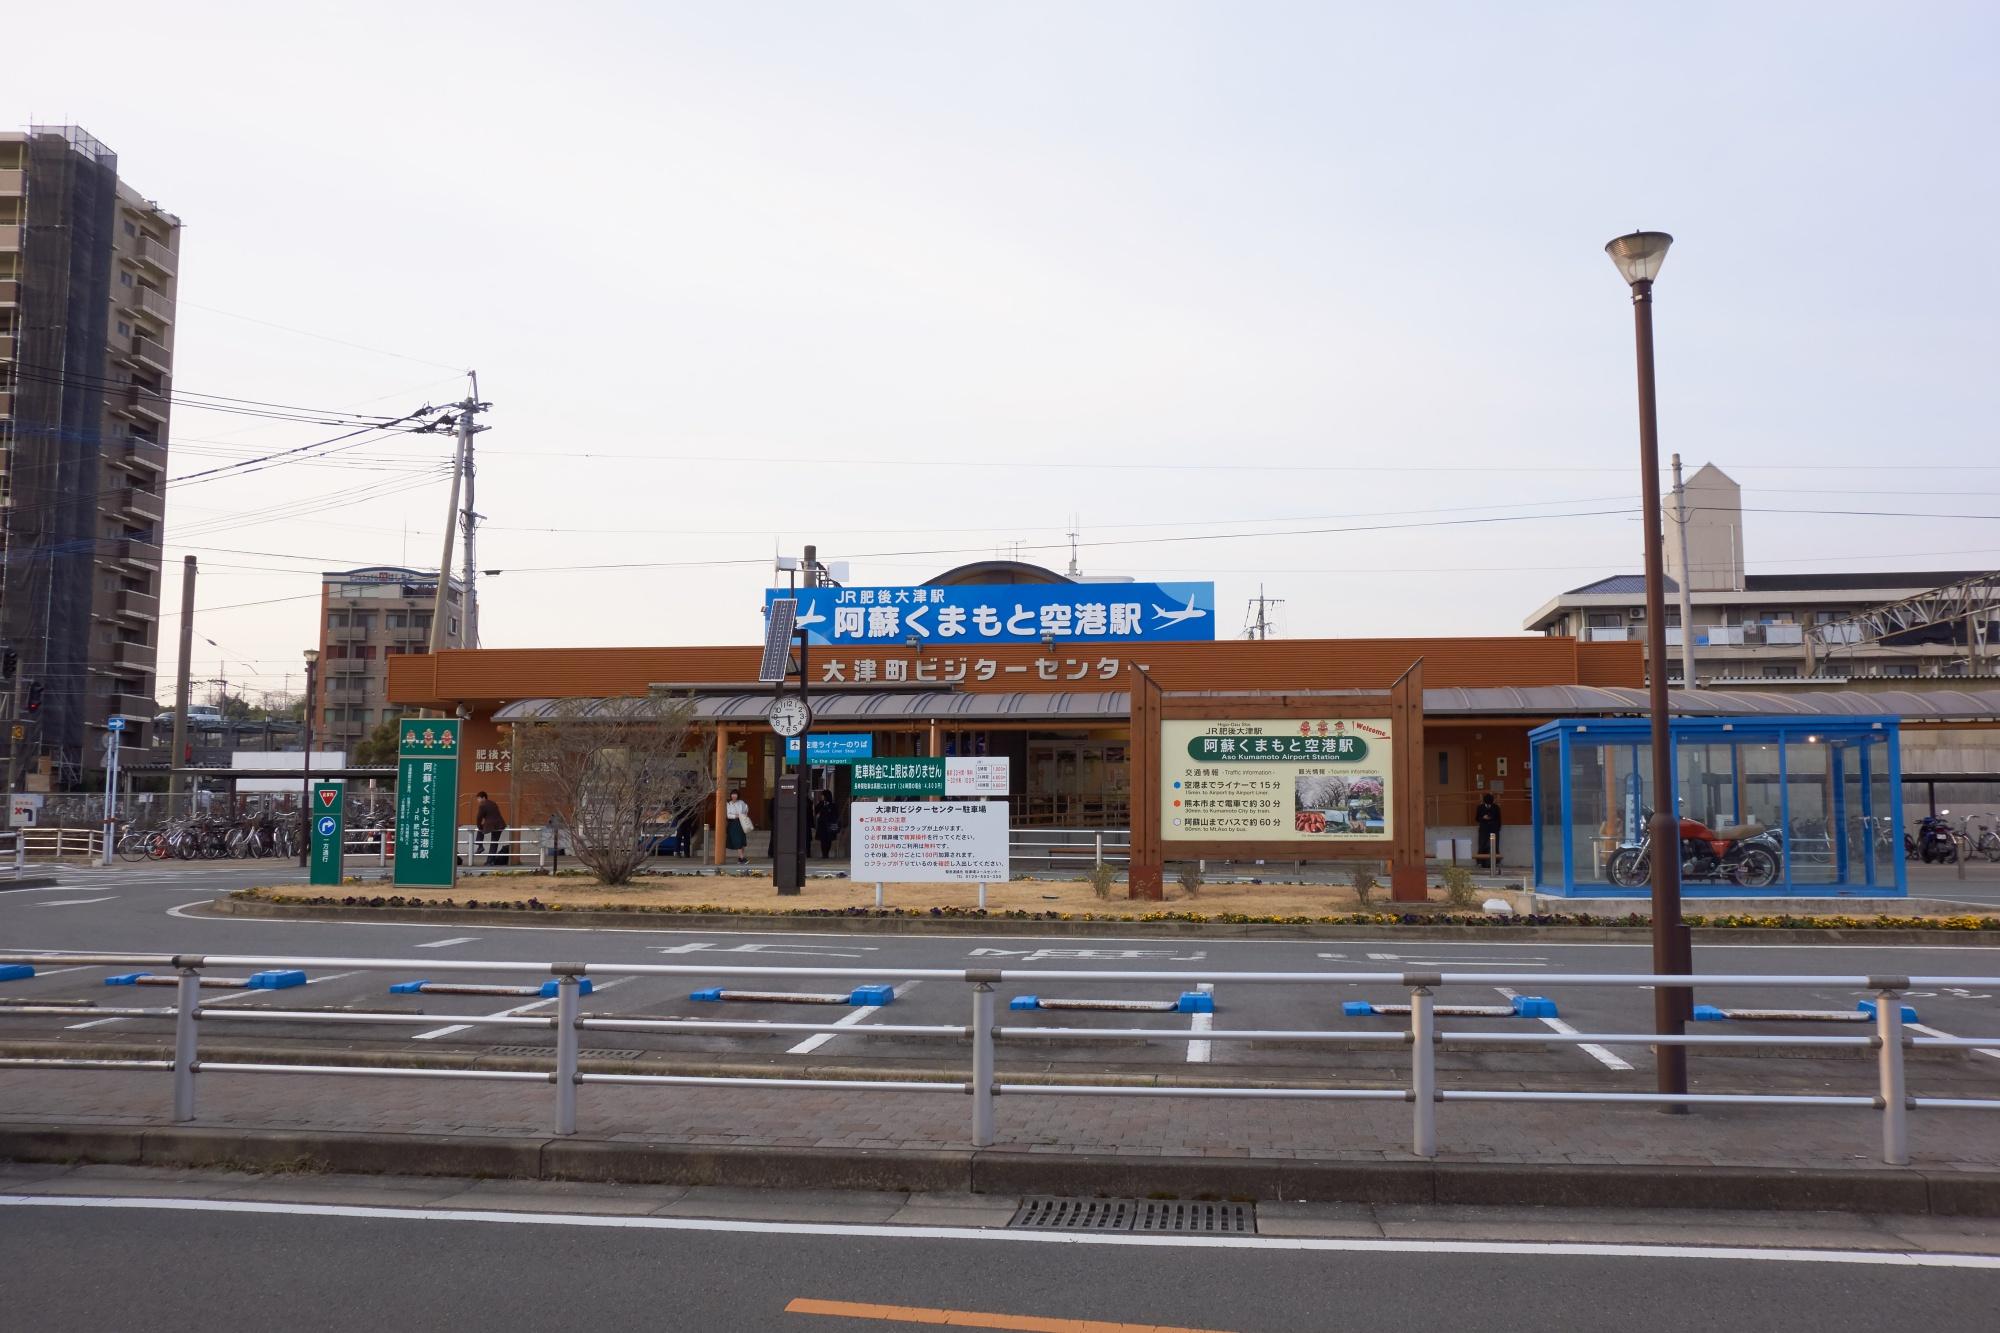 阿蘇くまもと空港駅